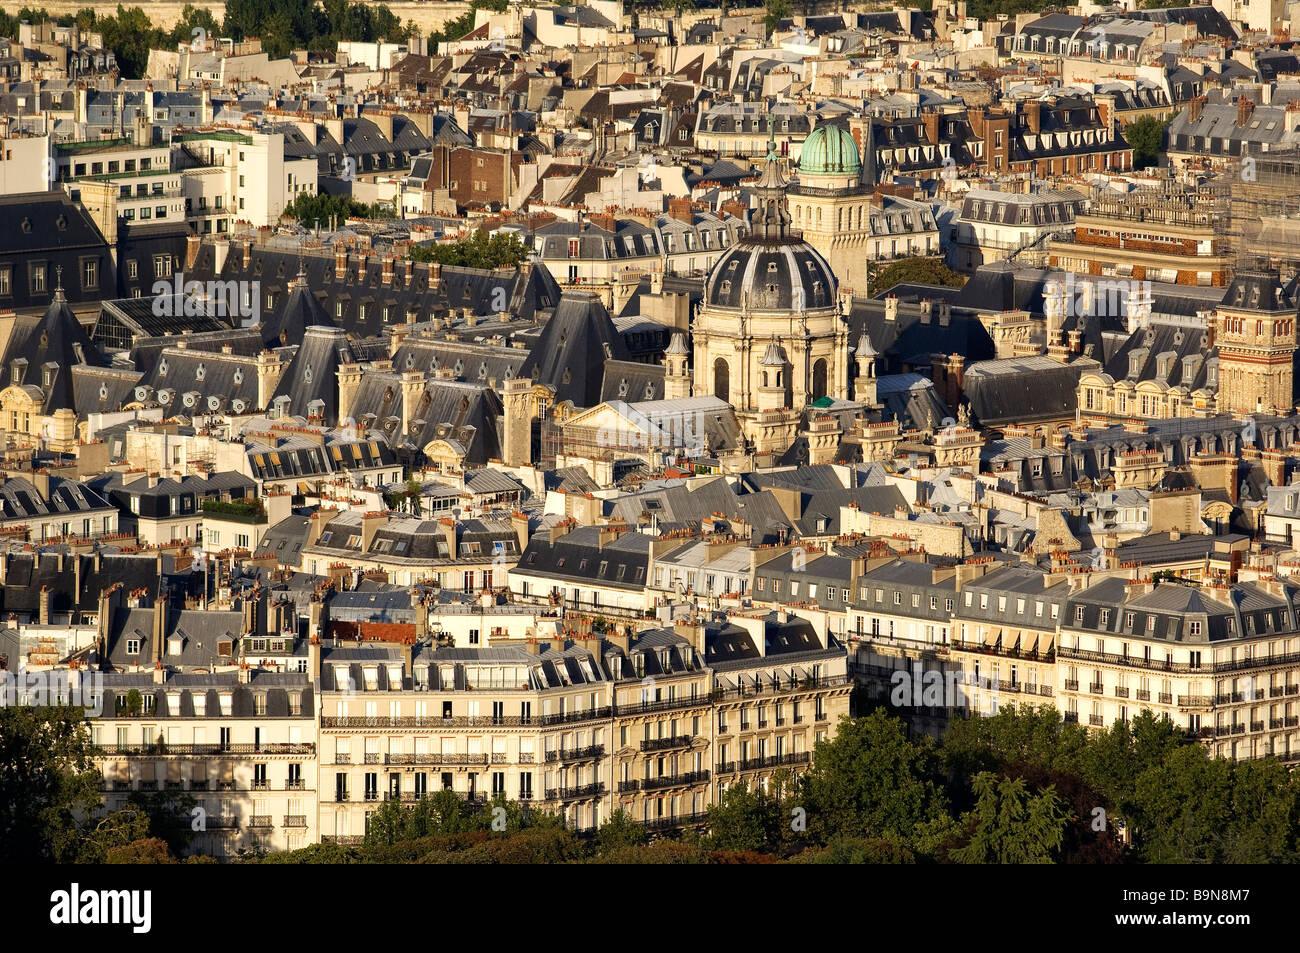 France, Paris, the Sorbonne - Stock Image